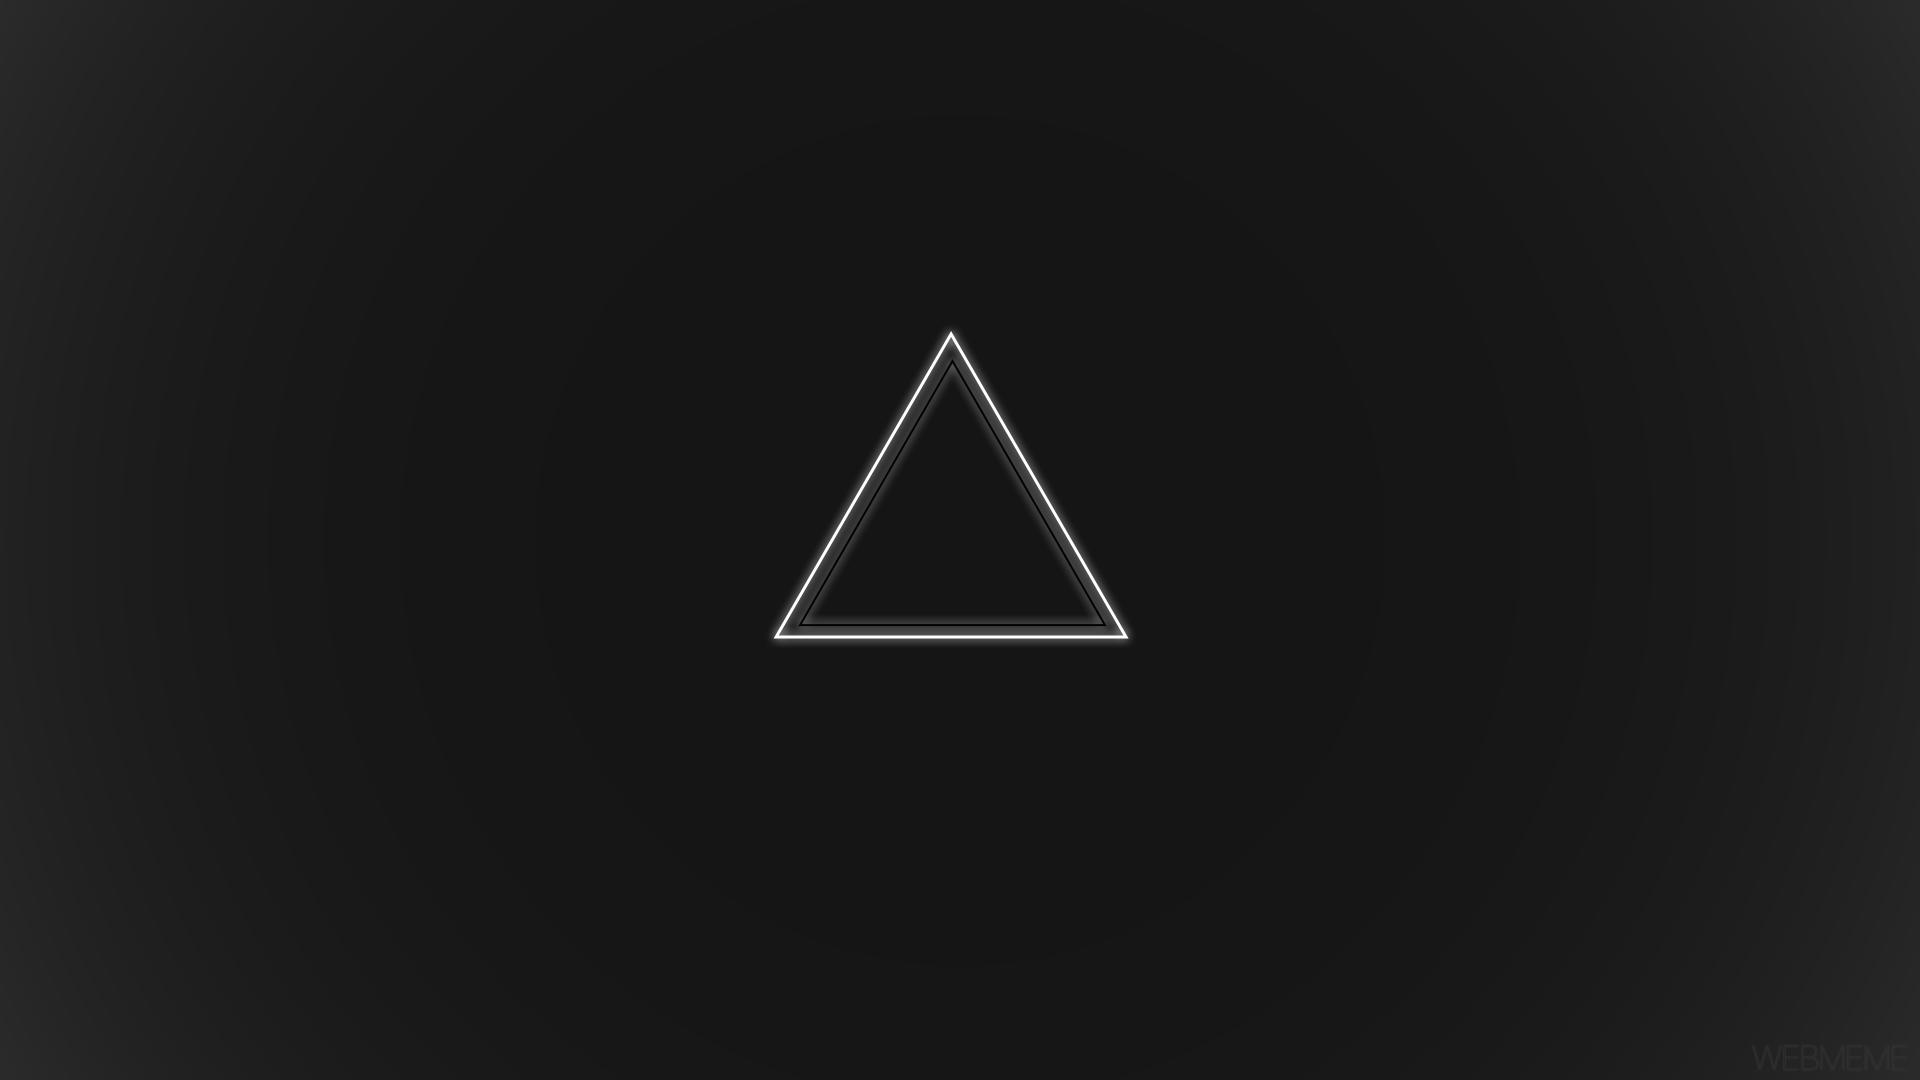 Blanc Noir Minimalisme Logo Symétrie Triangle Géométrie Cercle Gris Marque  Lumière Forme Ligne Obscurité Capture D